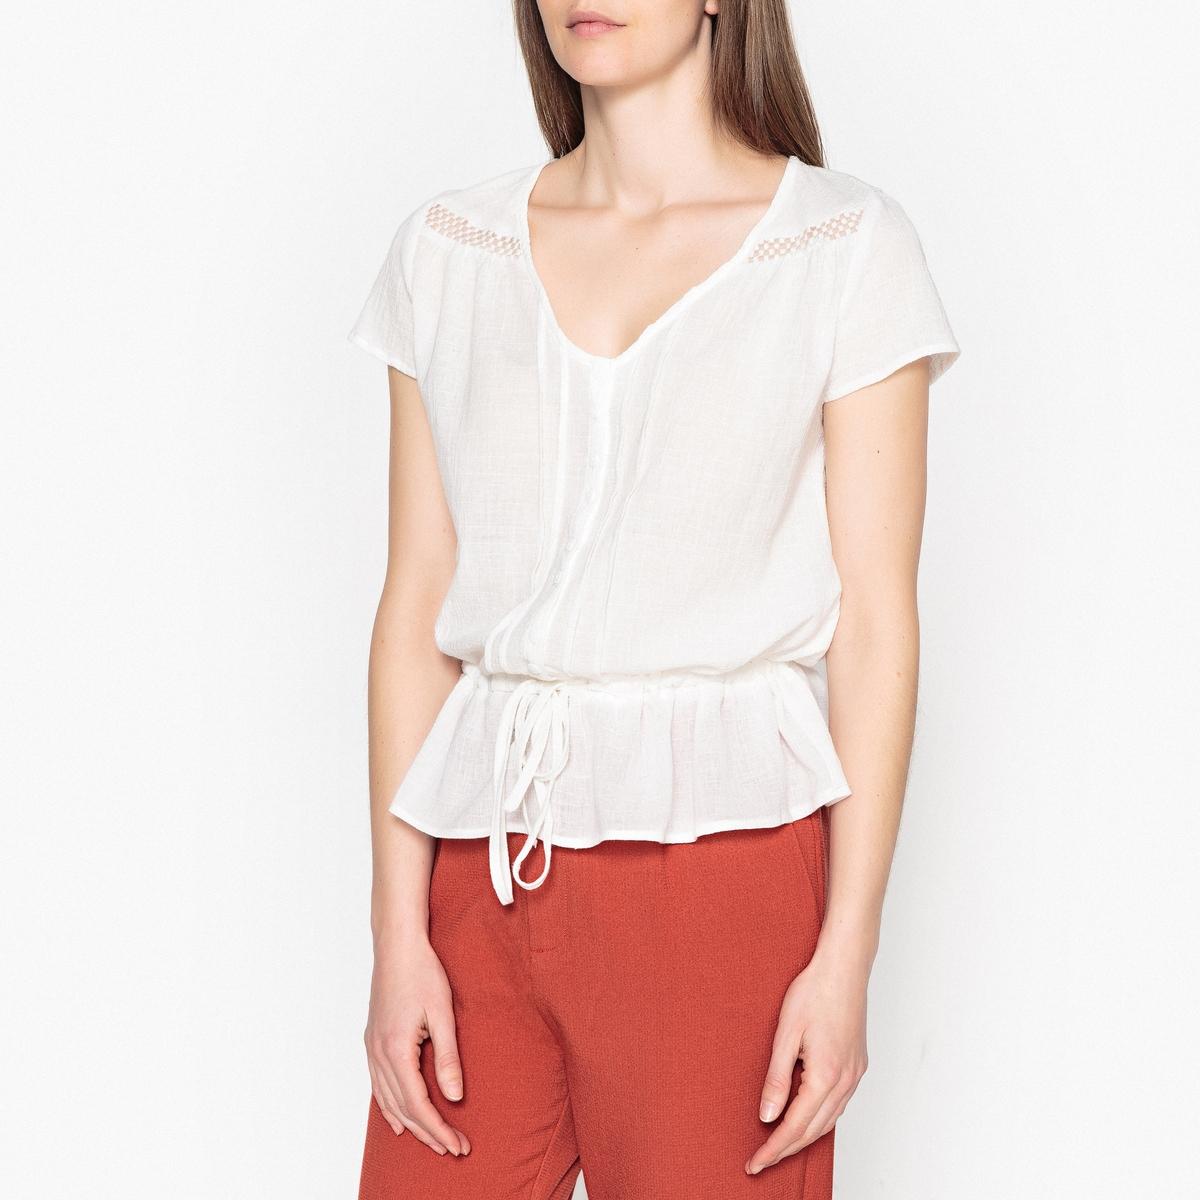 Блузка с V-образным вырезом, короткими рукавами и завязками ISABEAUОписание:Блузка на пуговицах с короткими рукавами GARANCE - модель ISABEAU . Завязки на поясе и застежка на пуговицы, складки ниже выреза . Вставка из ажурного кружева на плечах и волан снизу .Детали •  Короткие рукава •  Прямой покрой •   V-образный вырез •  Уголки воротника на пуговицахСостав и уход •  100% хлопок •  Следуйте рекомендациям по уходу, указанным на этикетке изделия<br><br>Цвет: красный,экрю